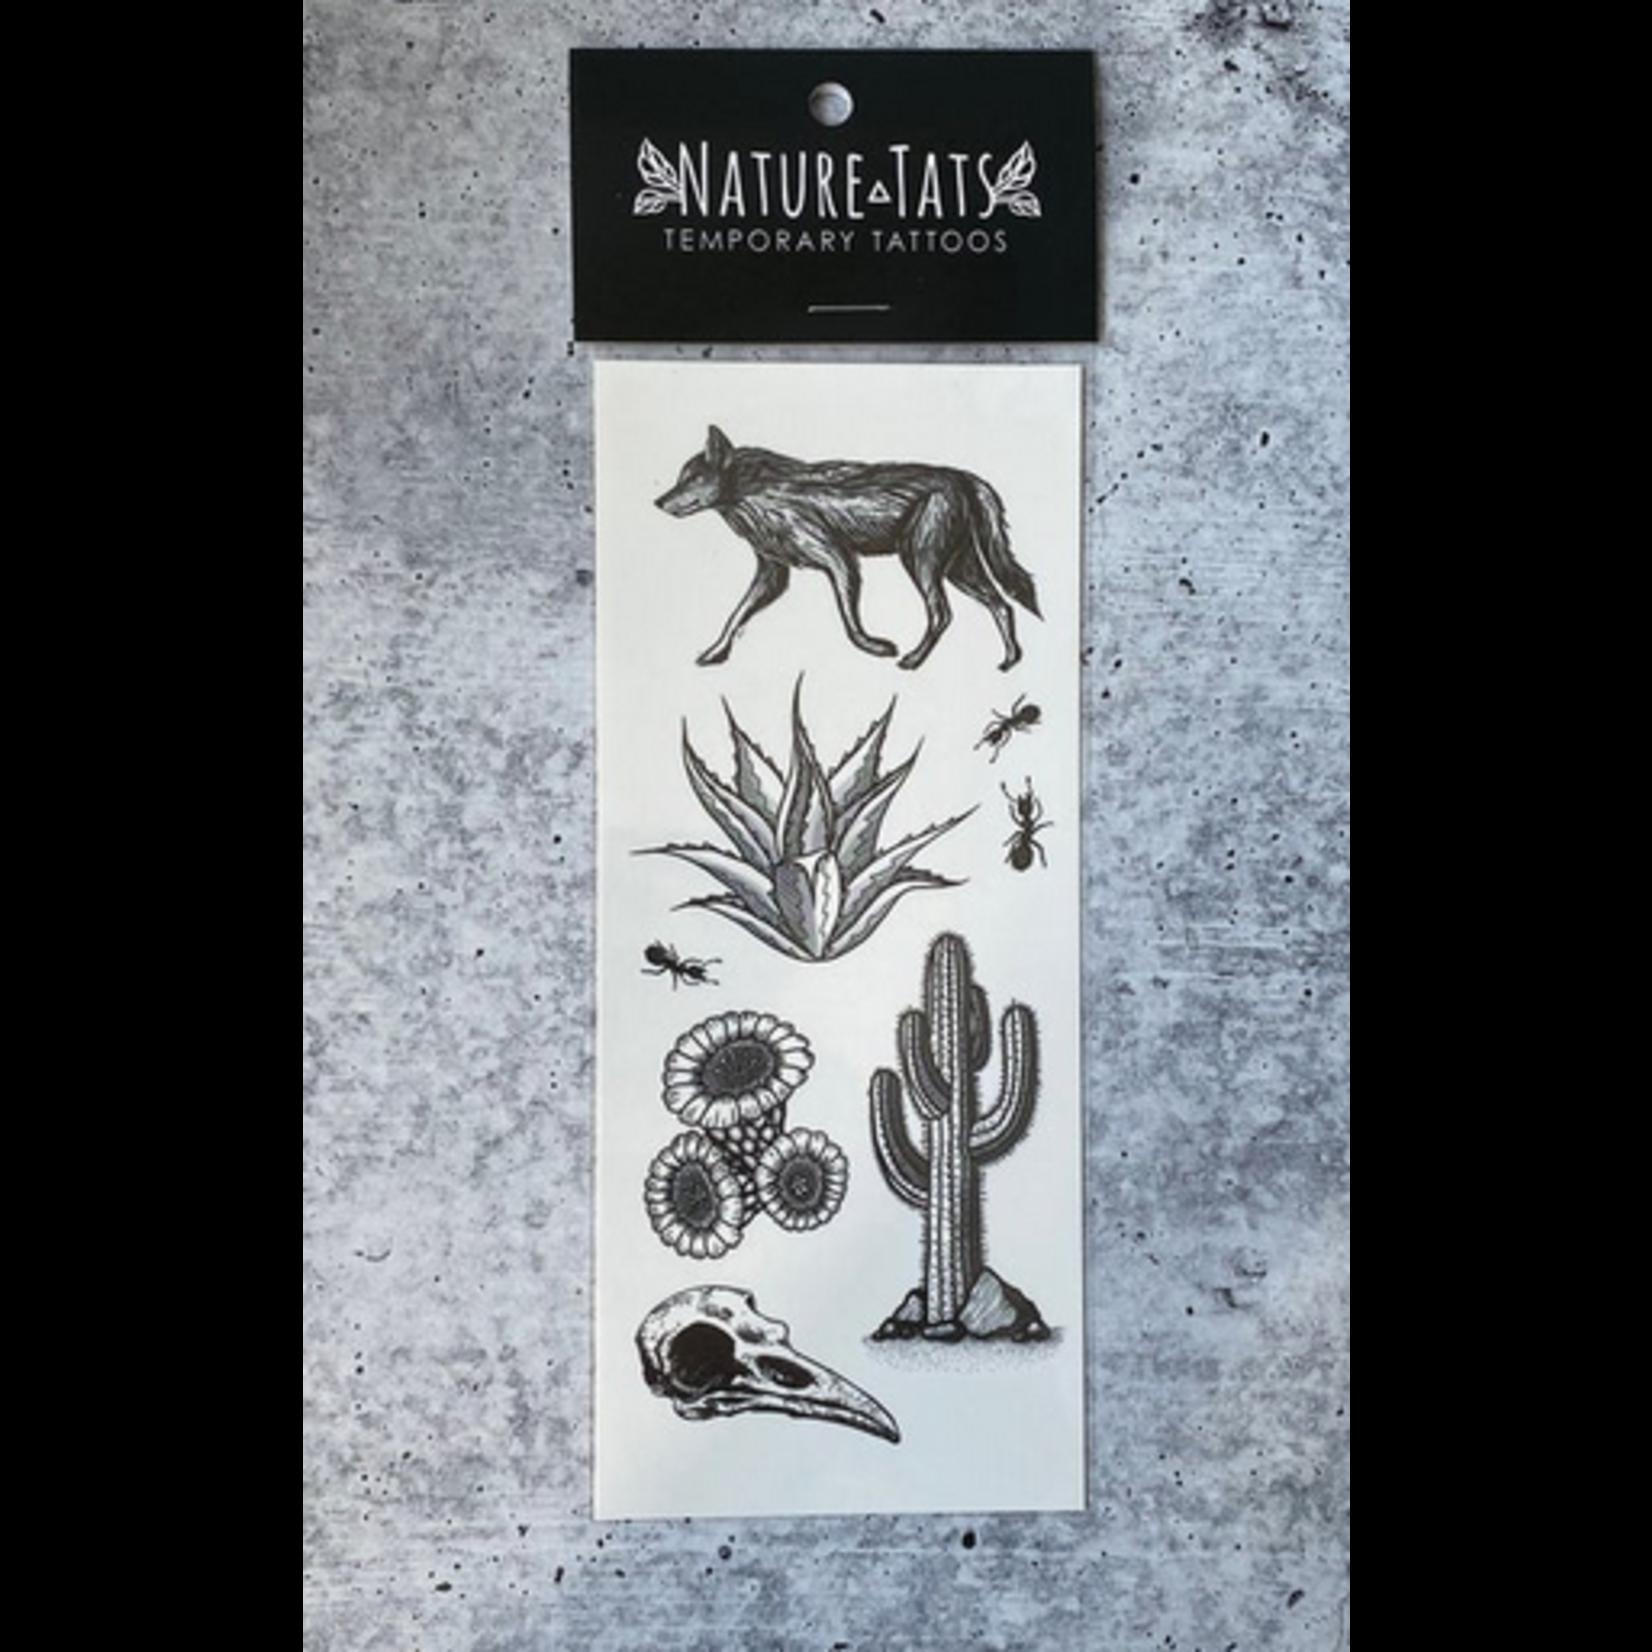 NatureTats Creature Temporary Tattoos